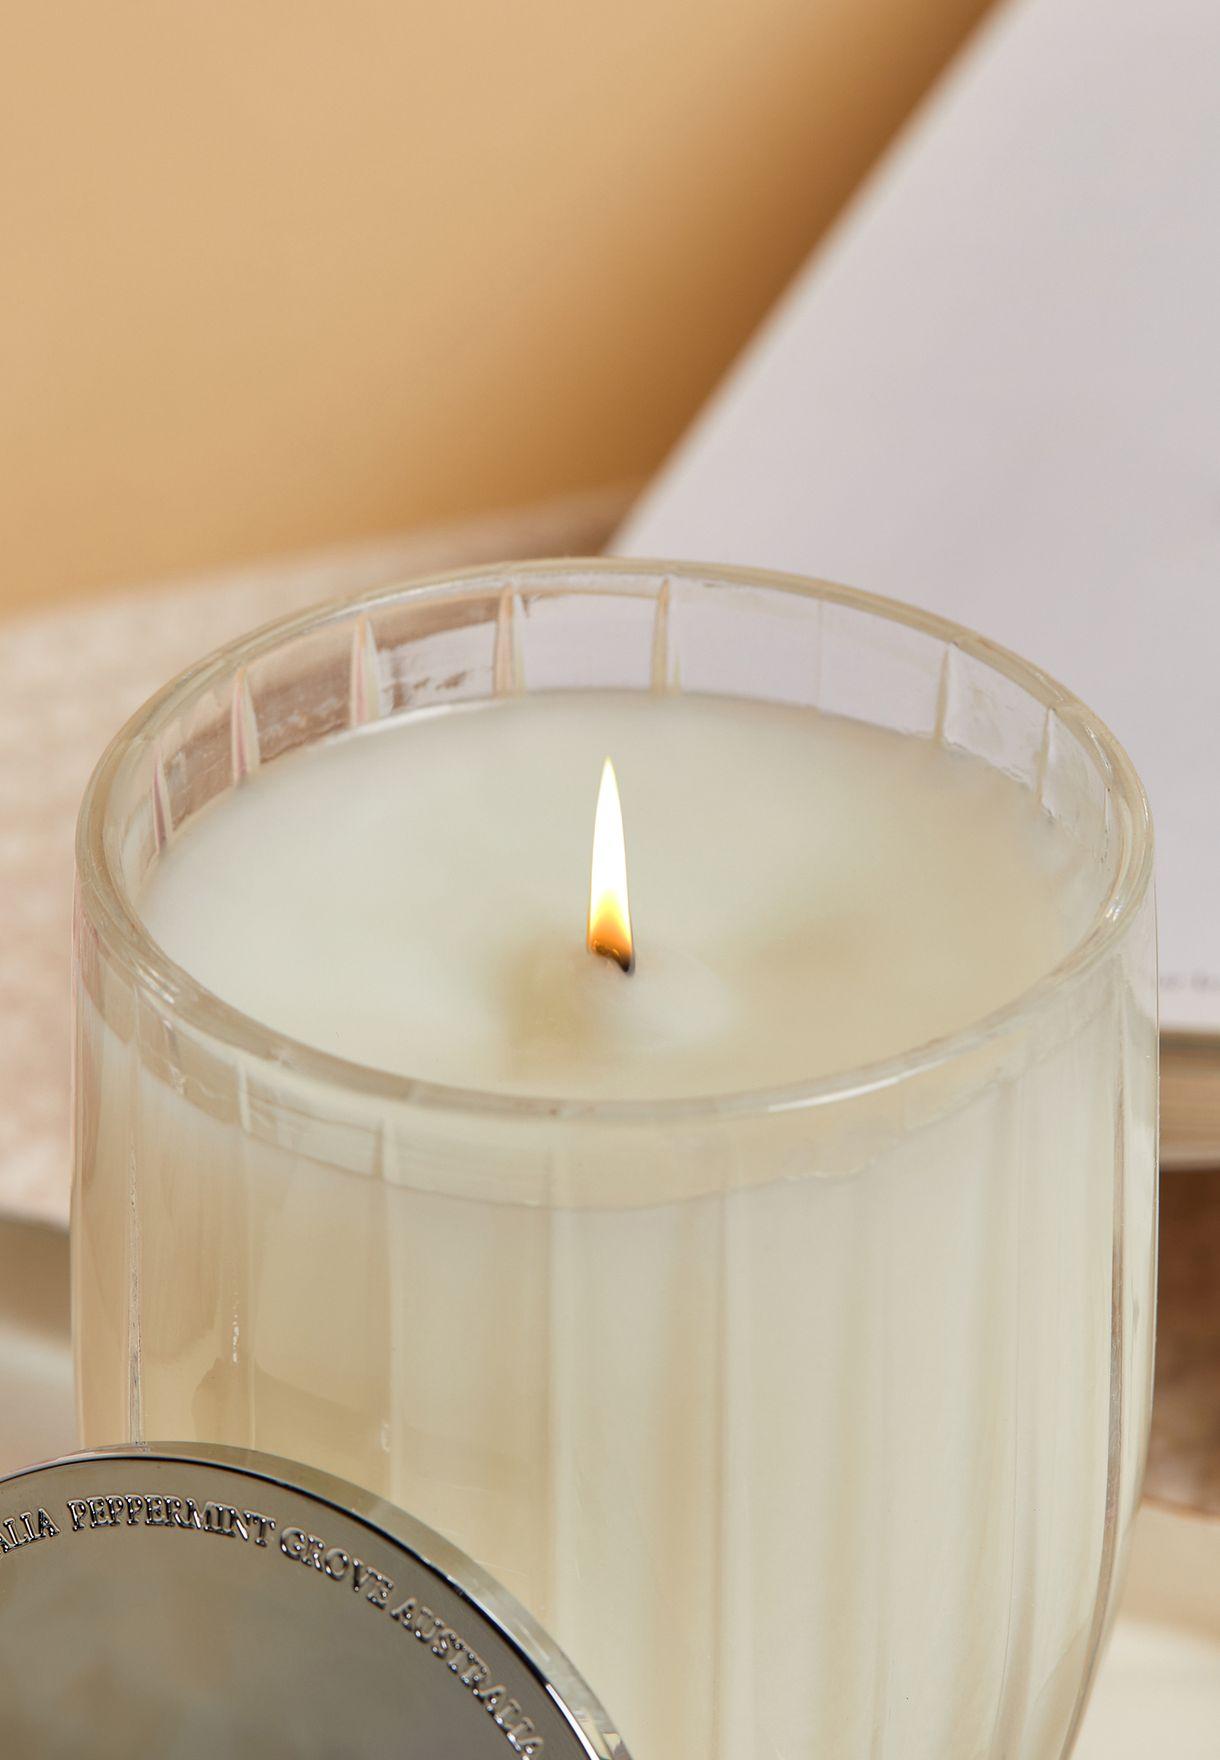 شمعة عطرية 200 غم - ميرمية وارز